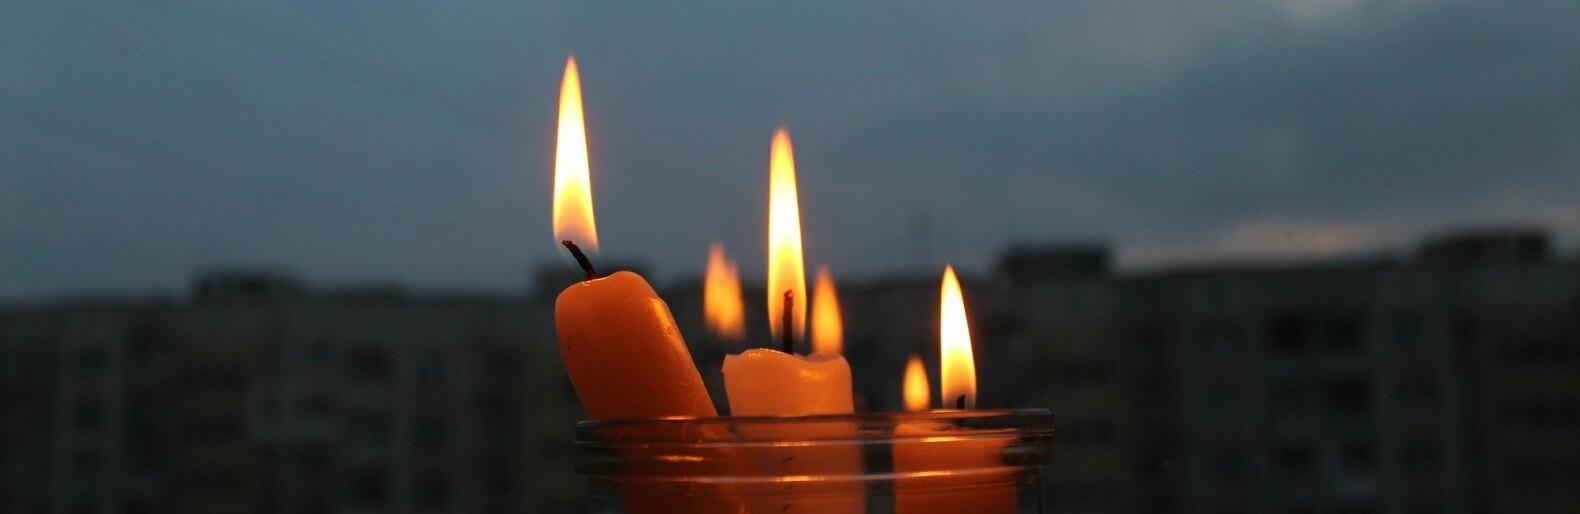 Отключение света в Одессе завтра: график отключения на 21 ноября